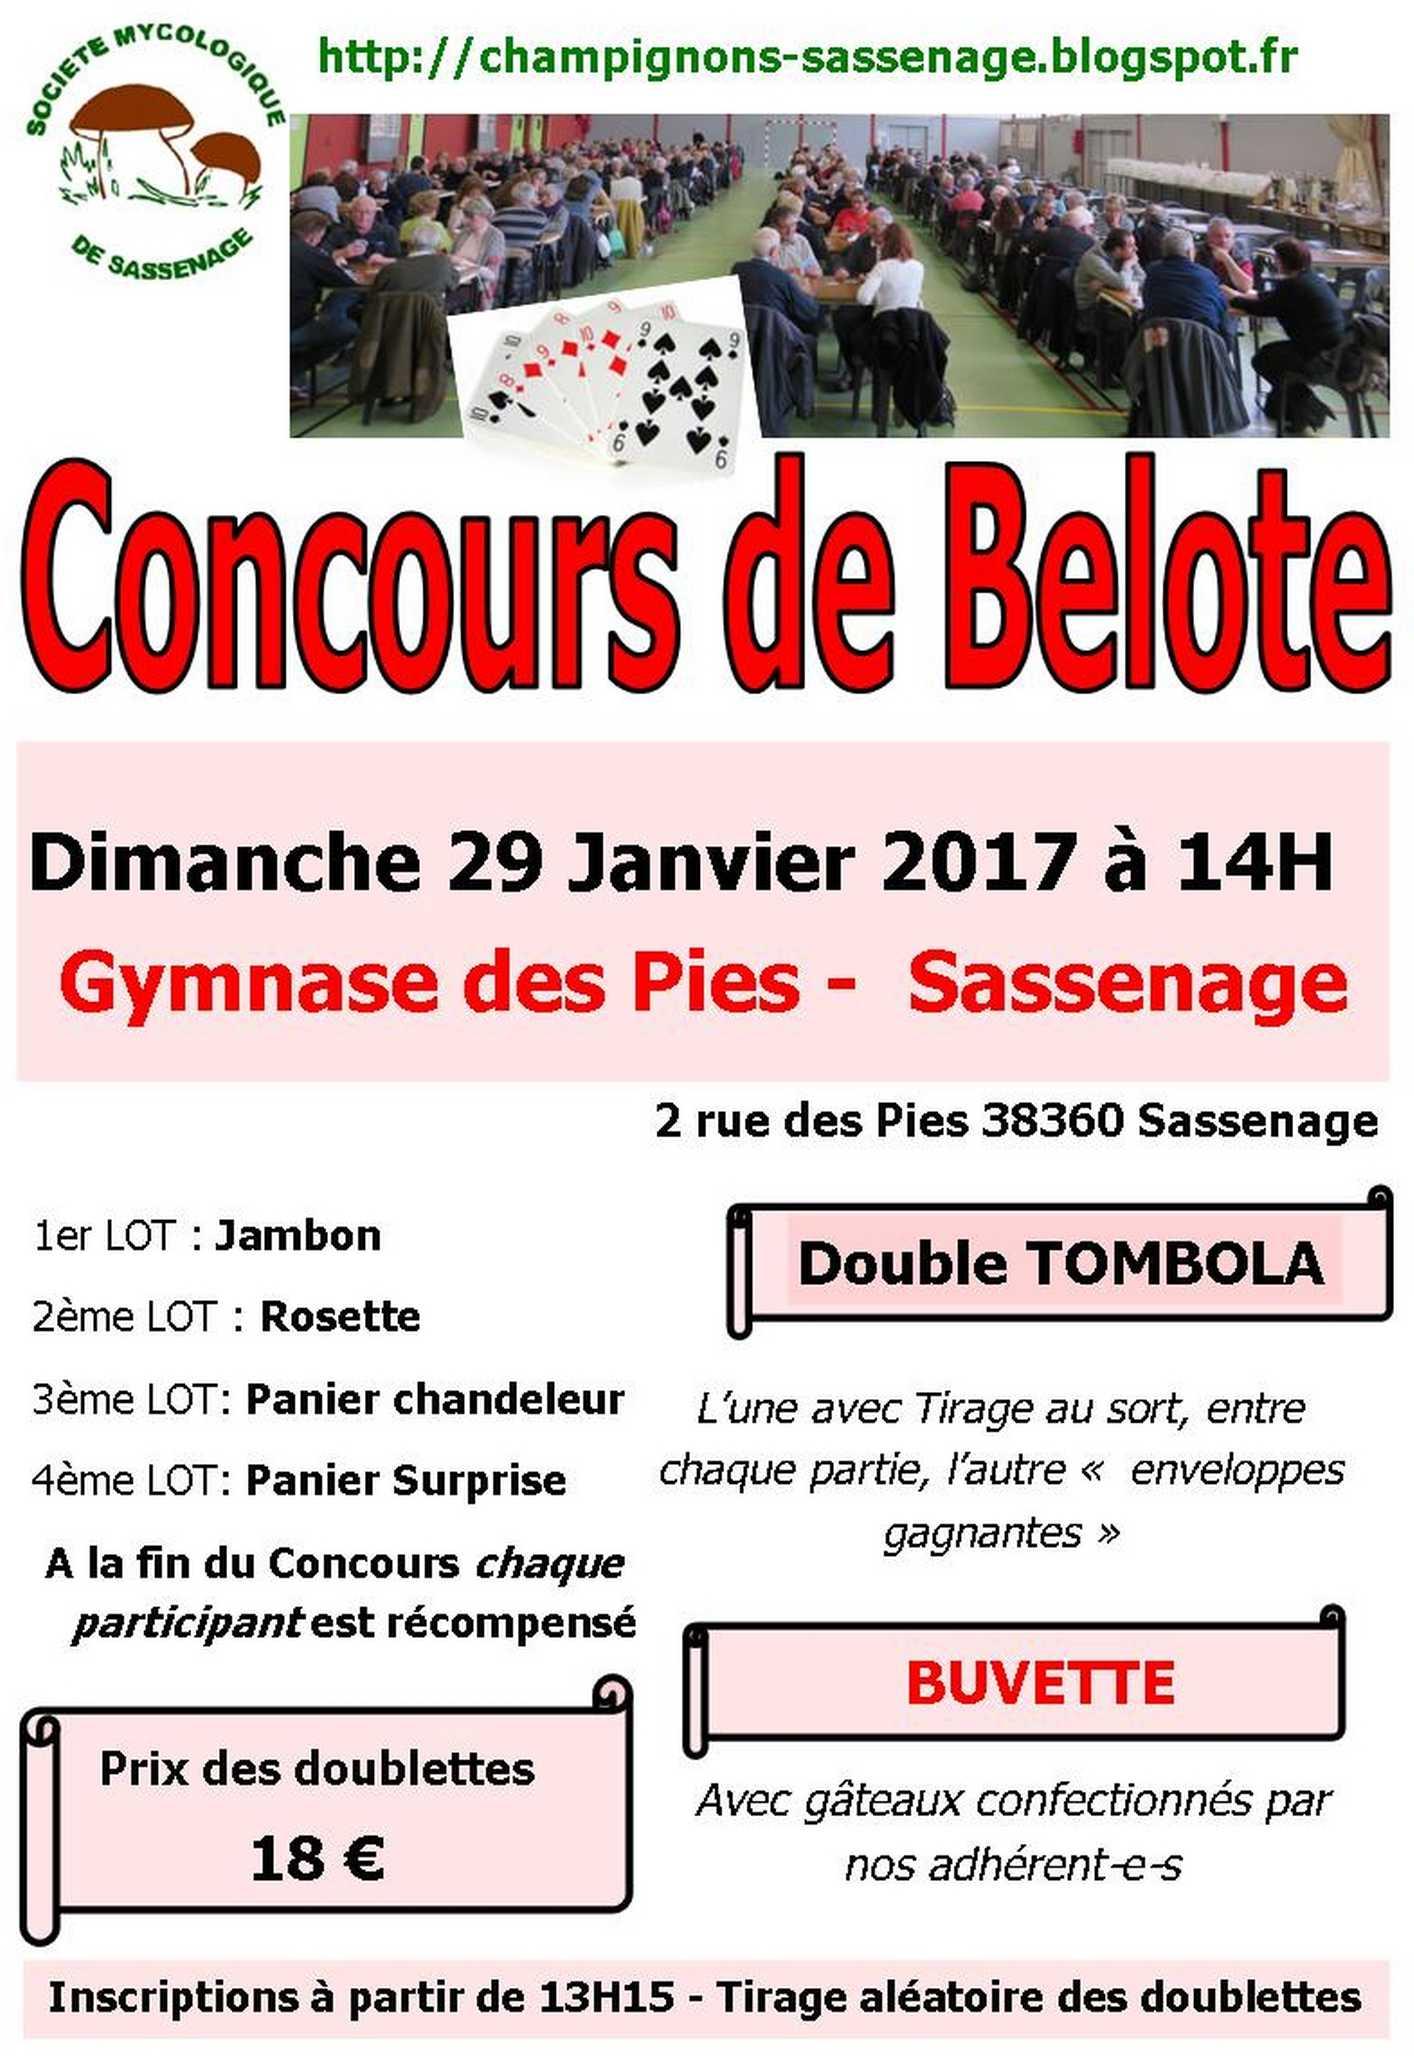 Affiche Concours de belote dimanche 29 janvier 2017 à Sassenage